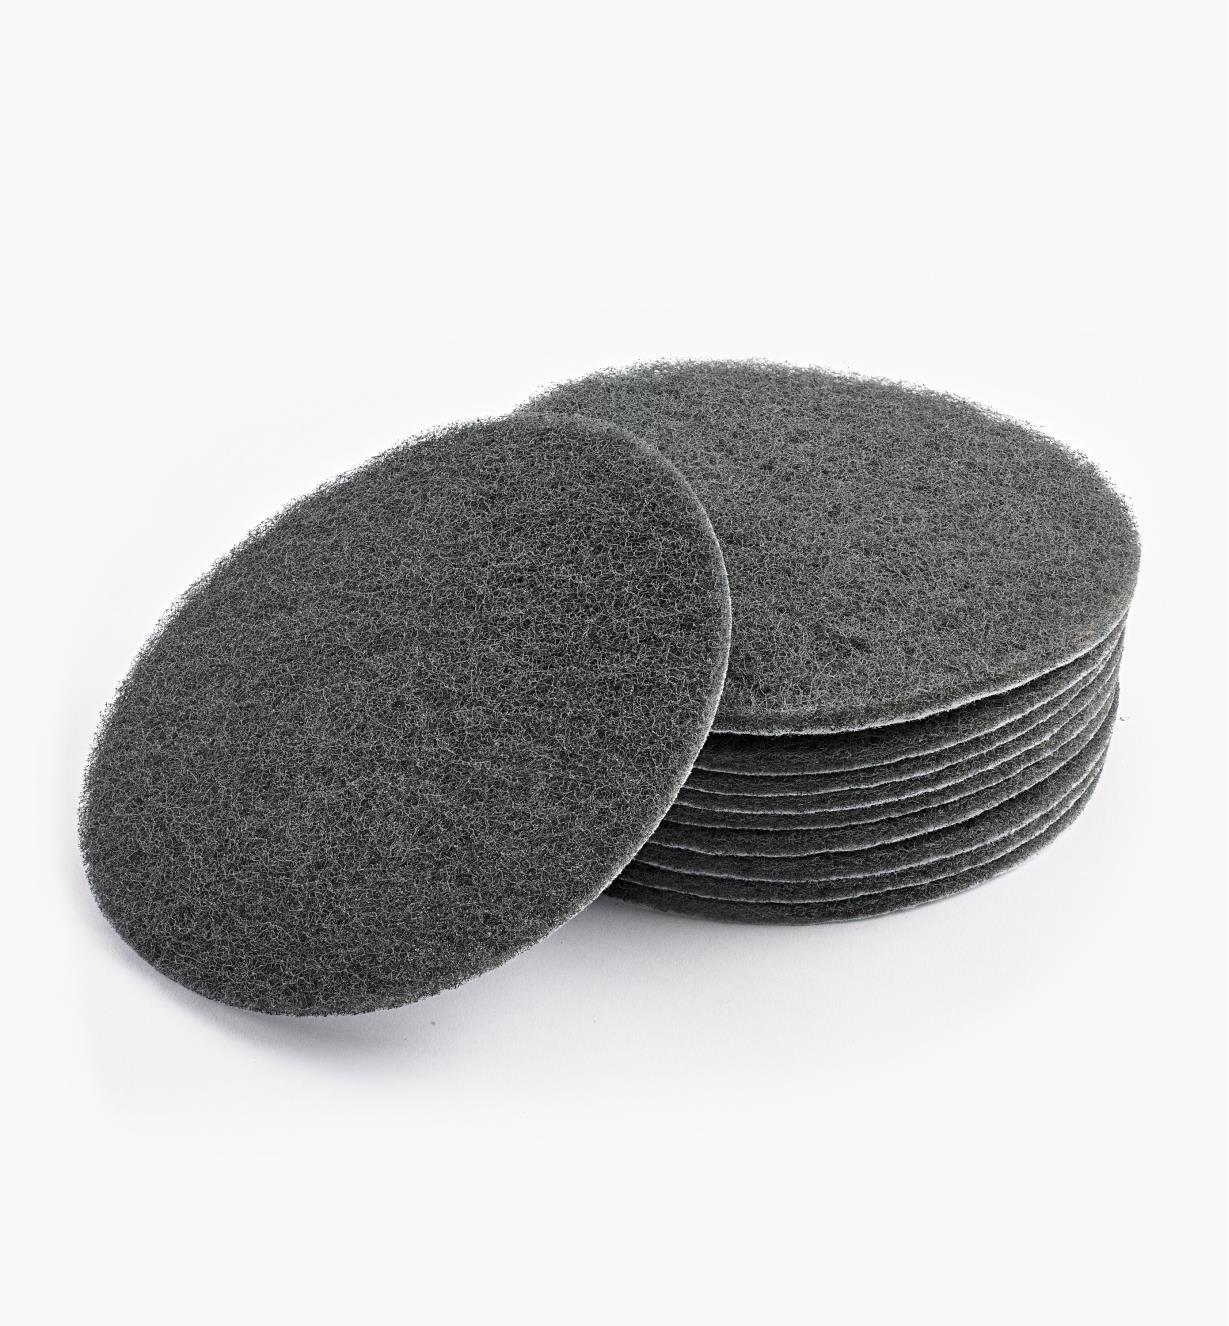 Vlies Abrasive (800x), pkg. of 10